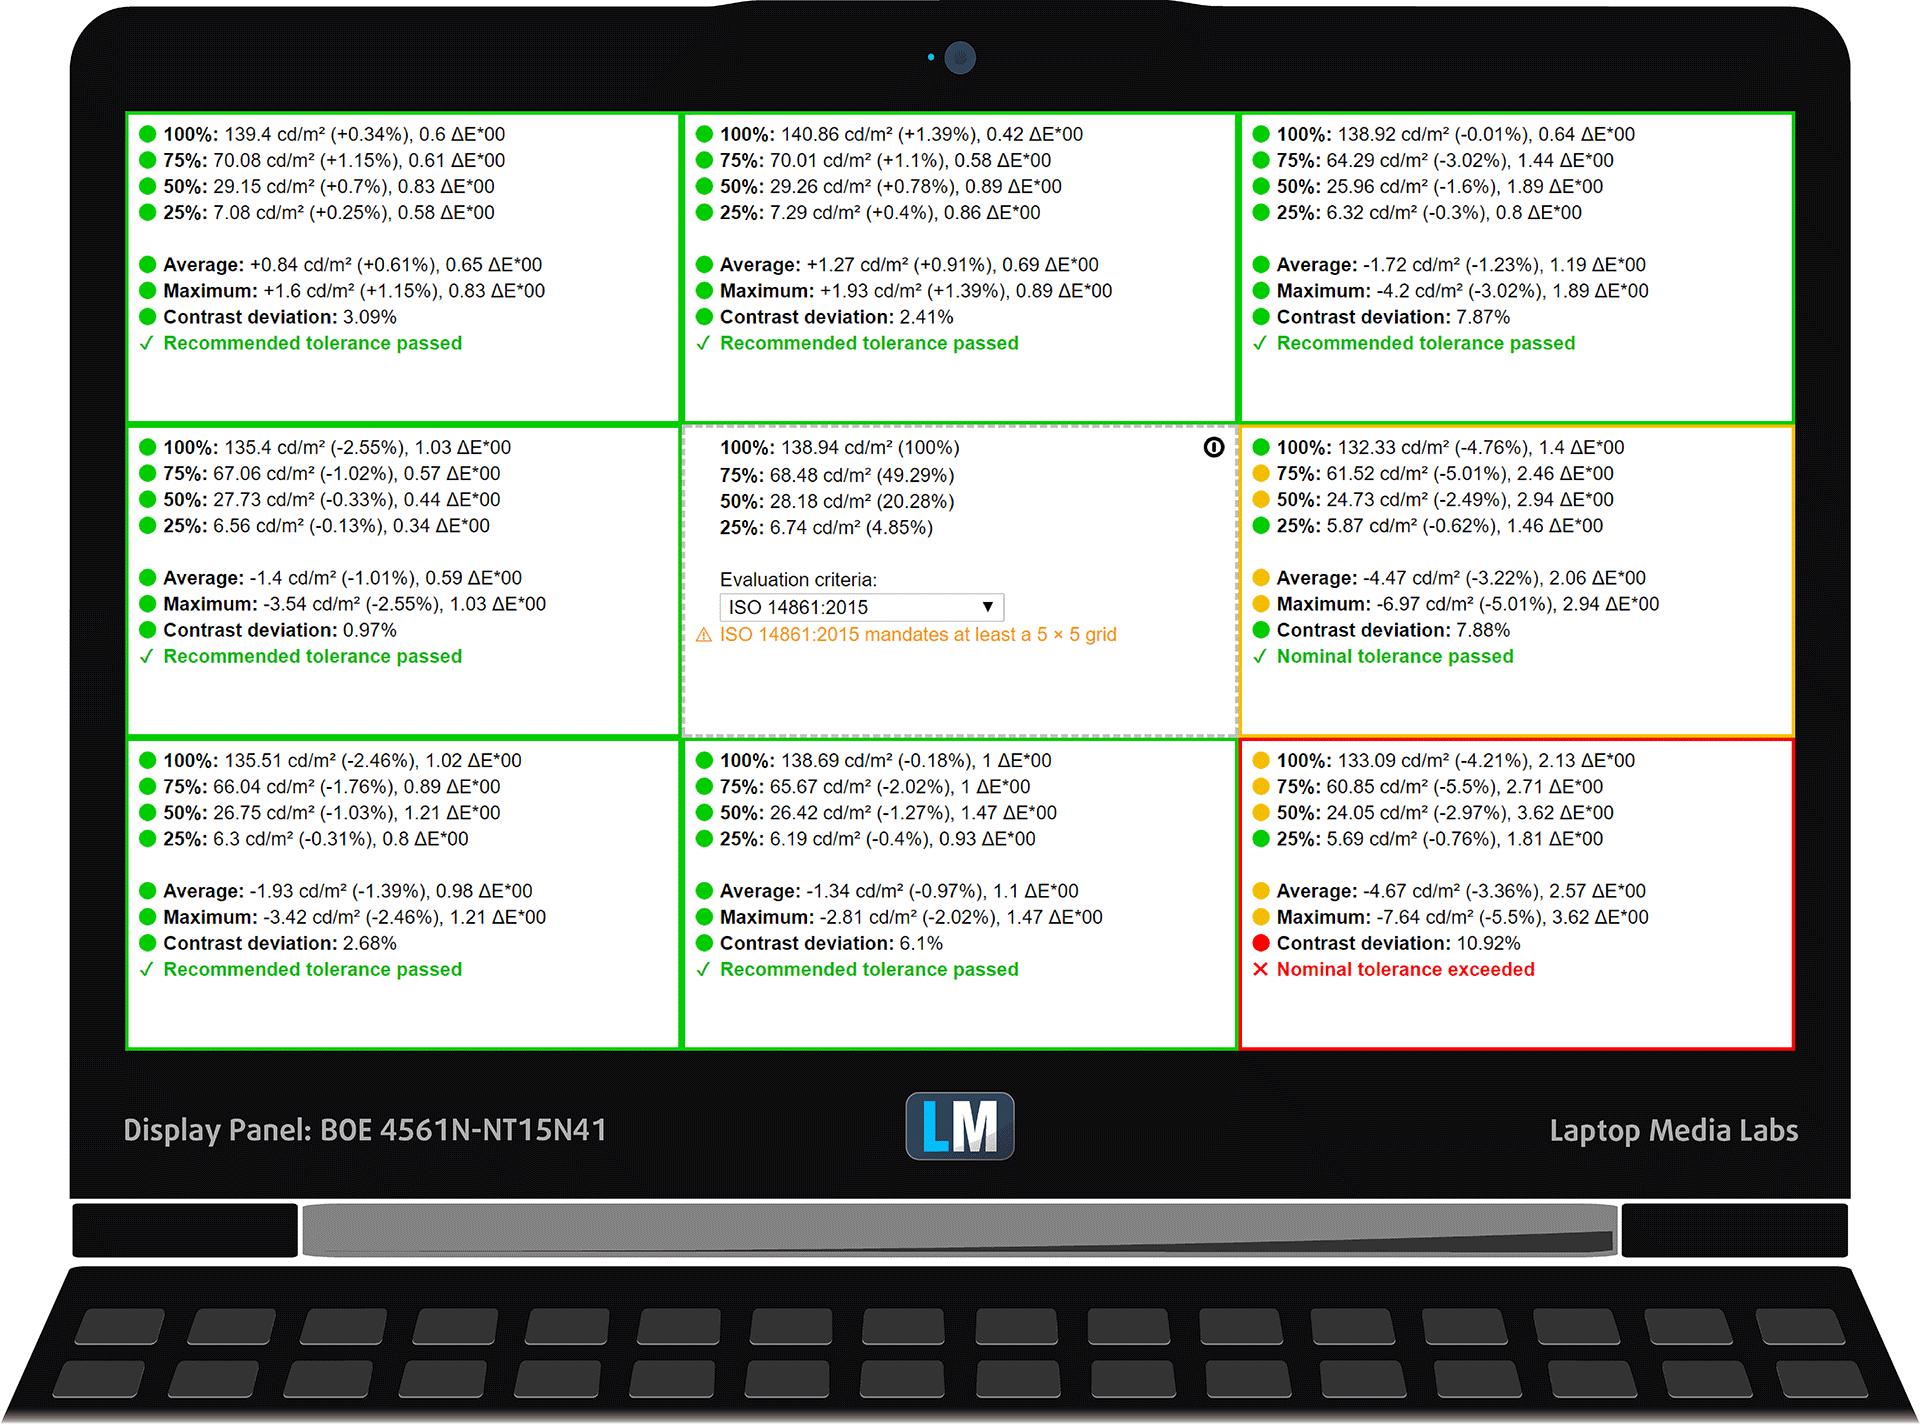 Dell Inspiron 15 5570 (Core i7-8550U, AMD Radeon 530) review